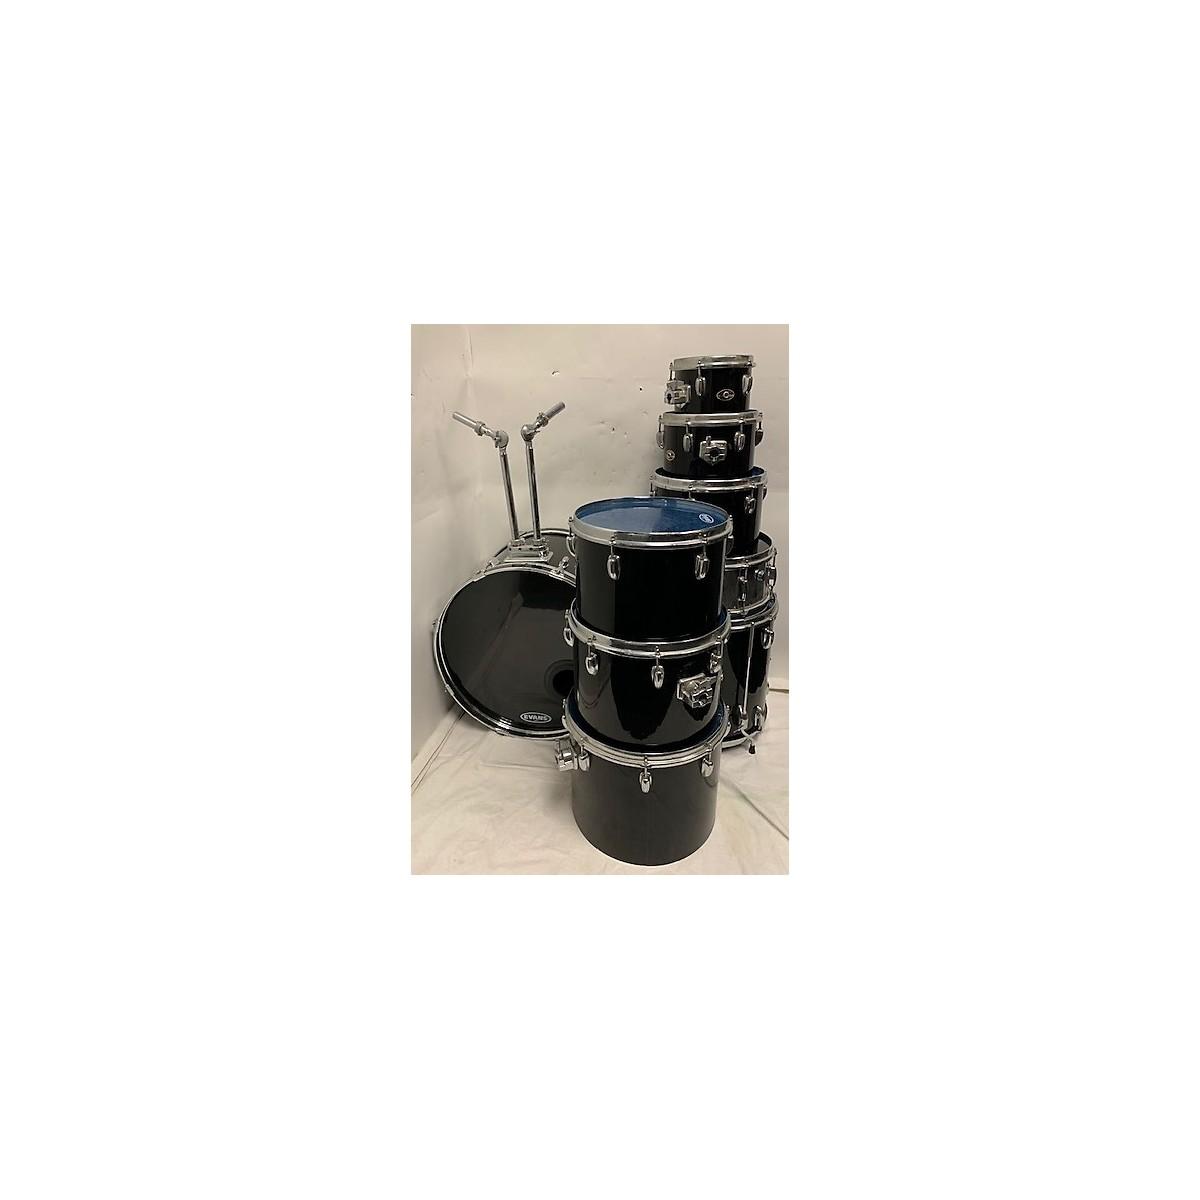 Slingerland 1980s Spirit Drum Kit